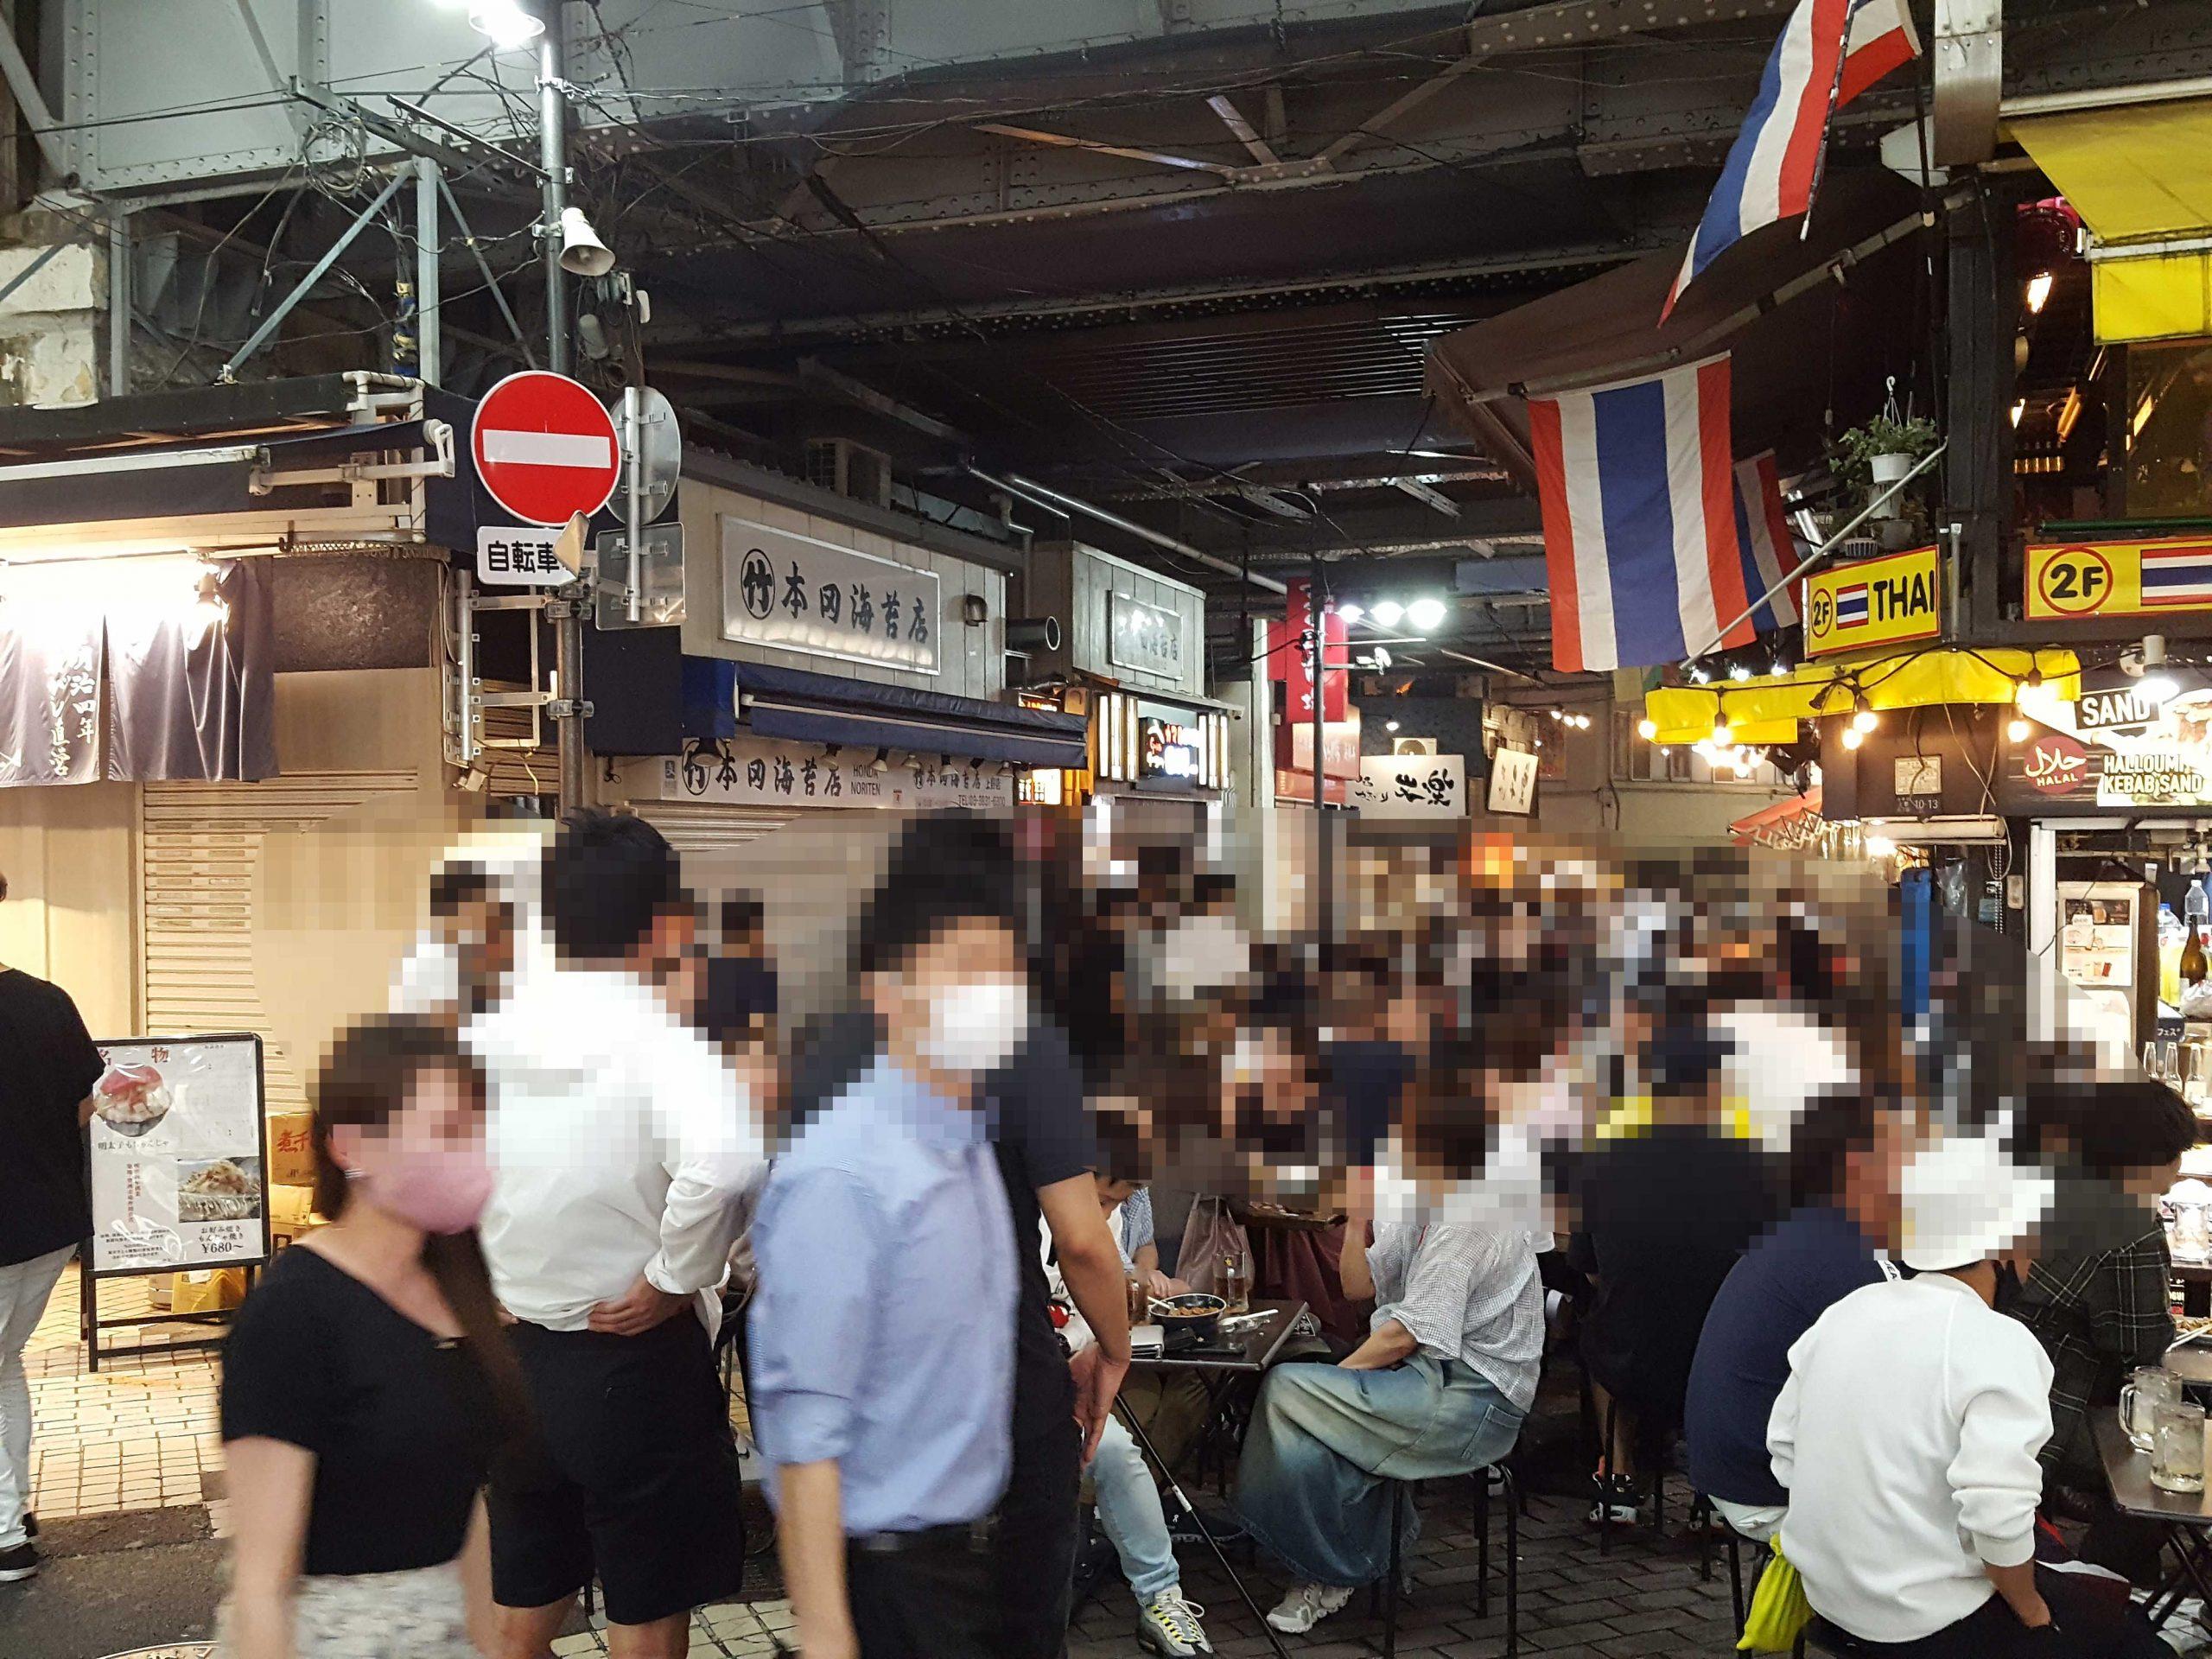 宣言解除後、初の週末となった上野の大歓楽街は若者でごった返した【写真:ENCOUNT 編集部】